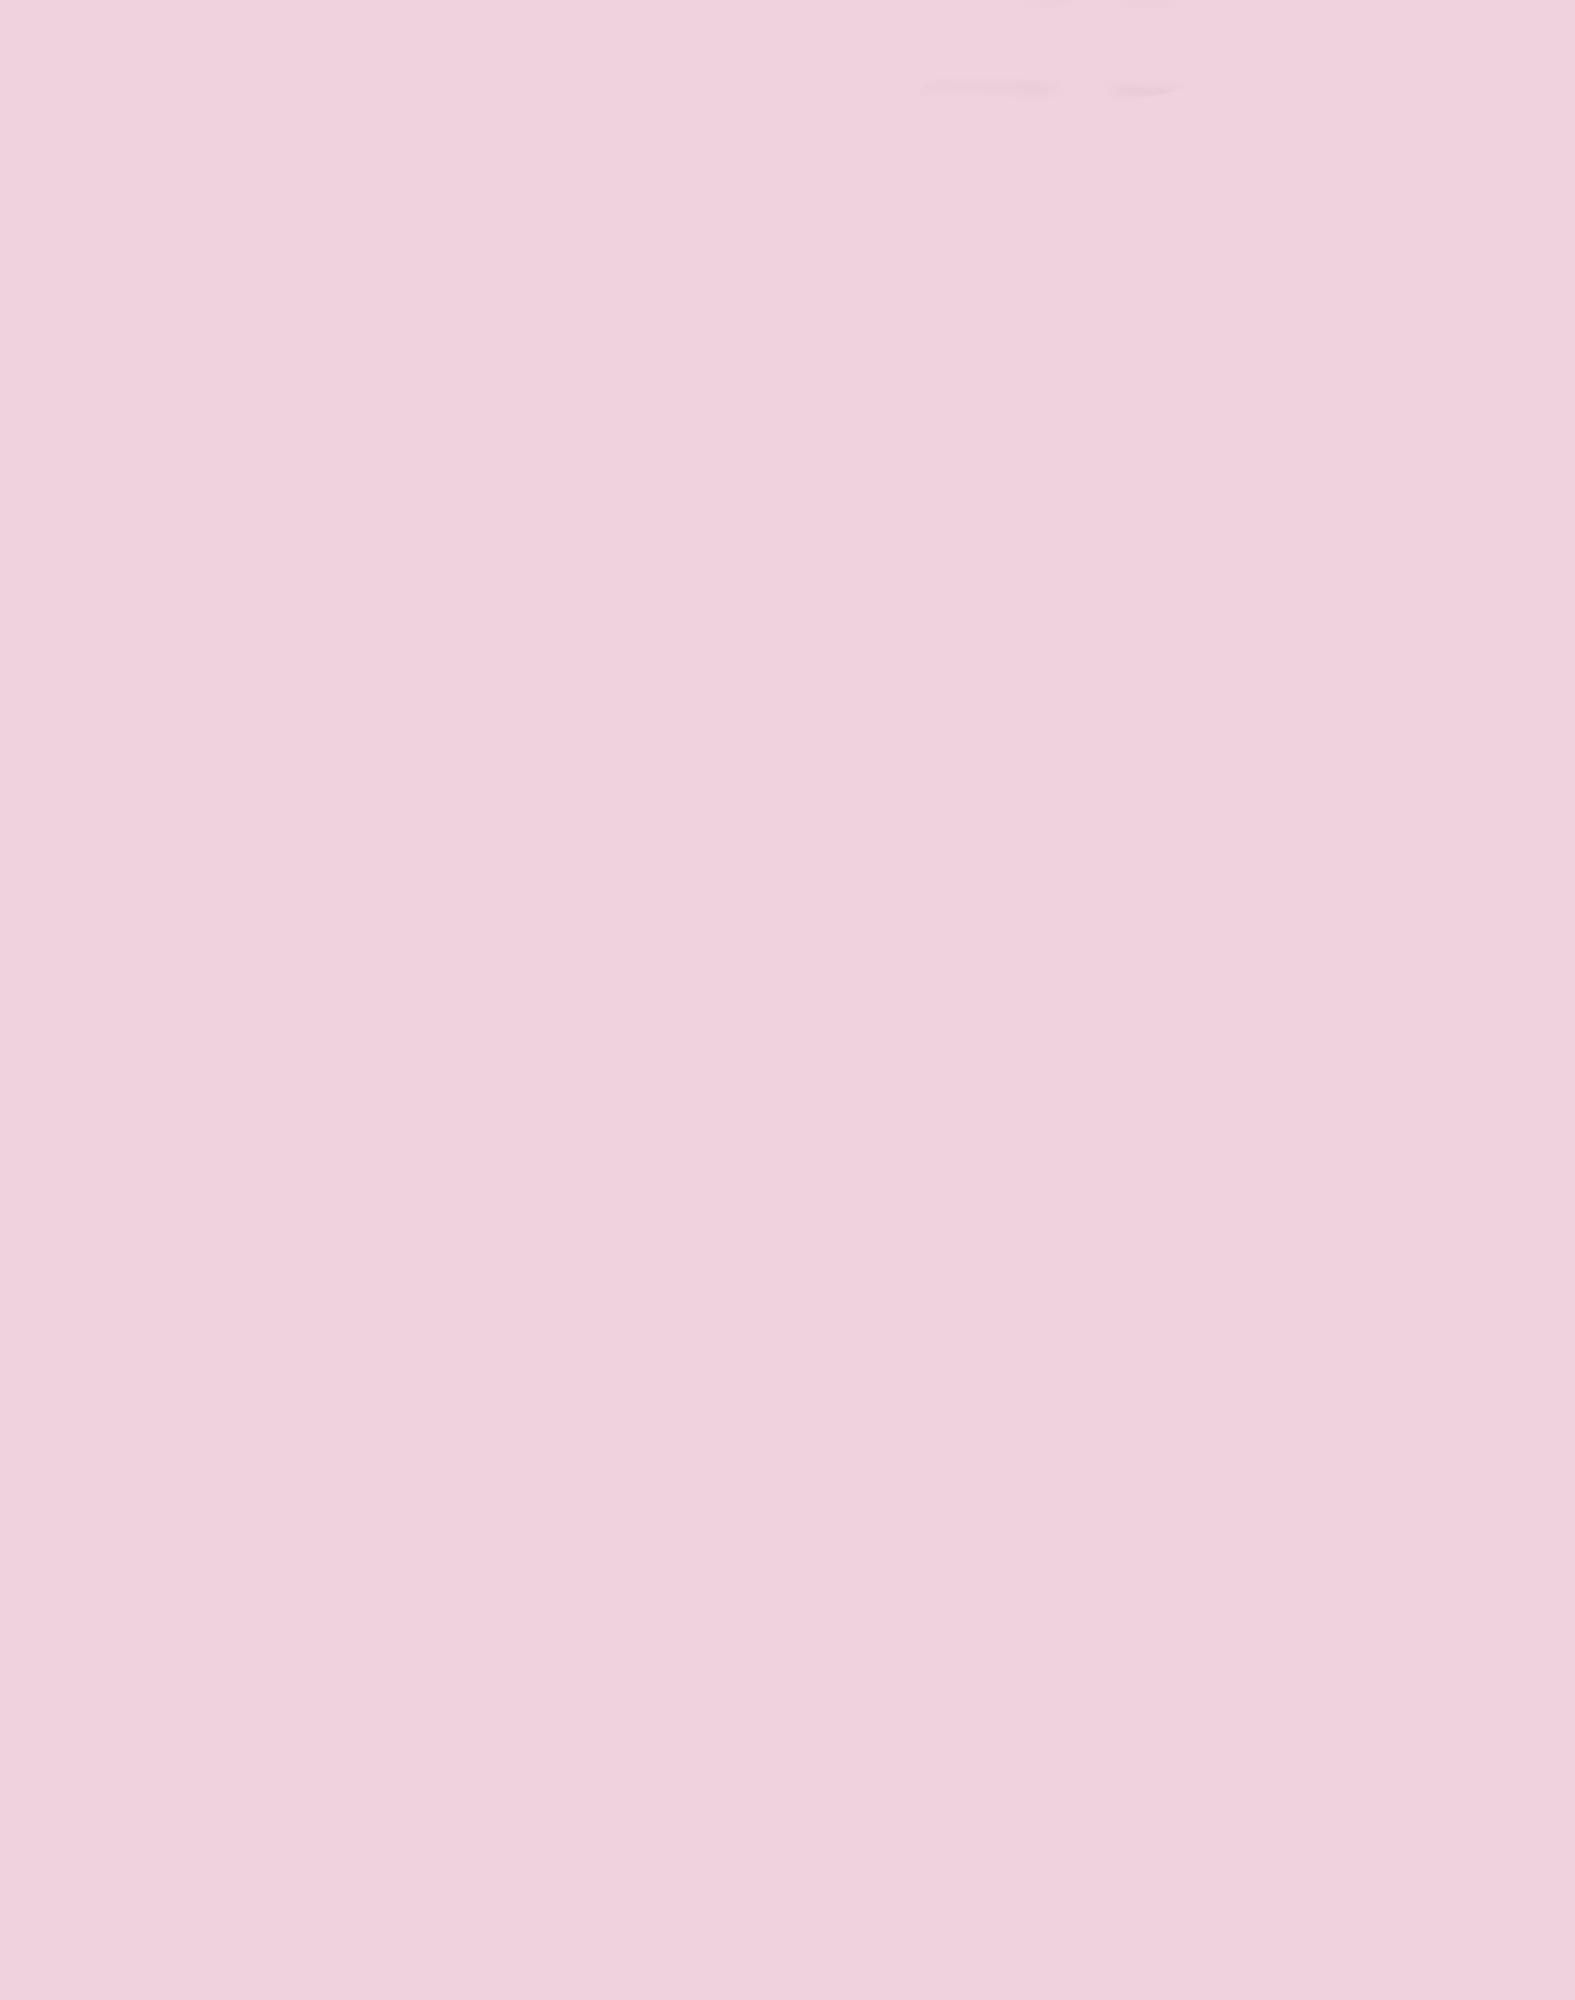 Pink Cadillac 239,210,222